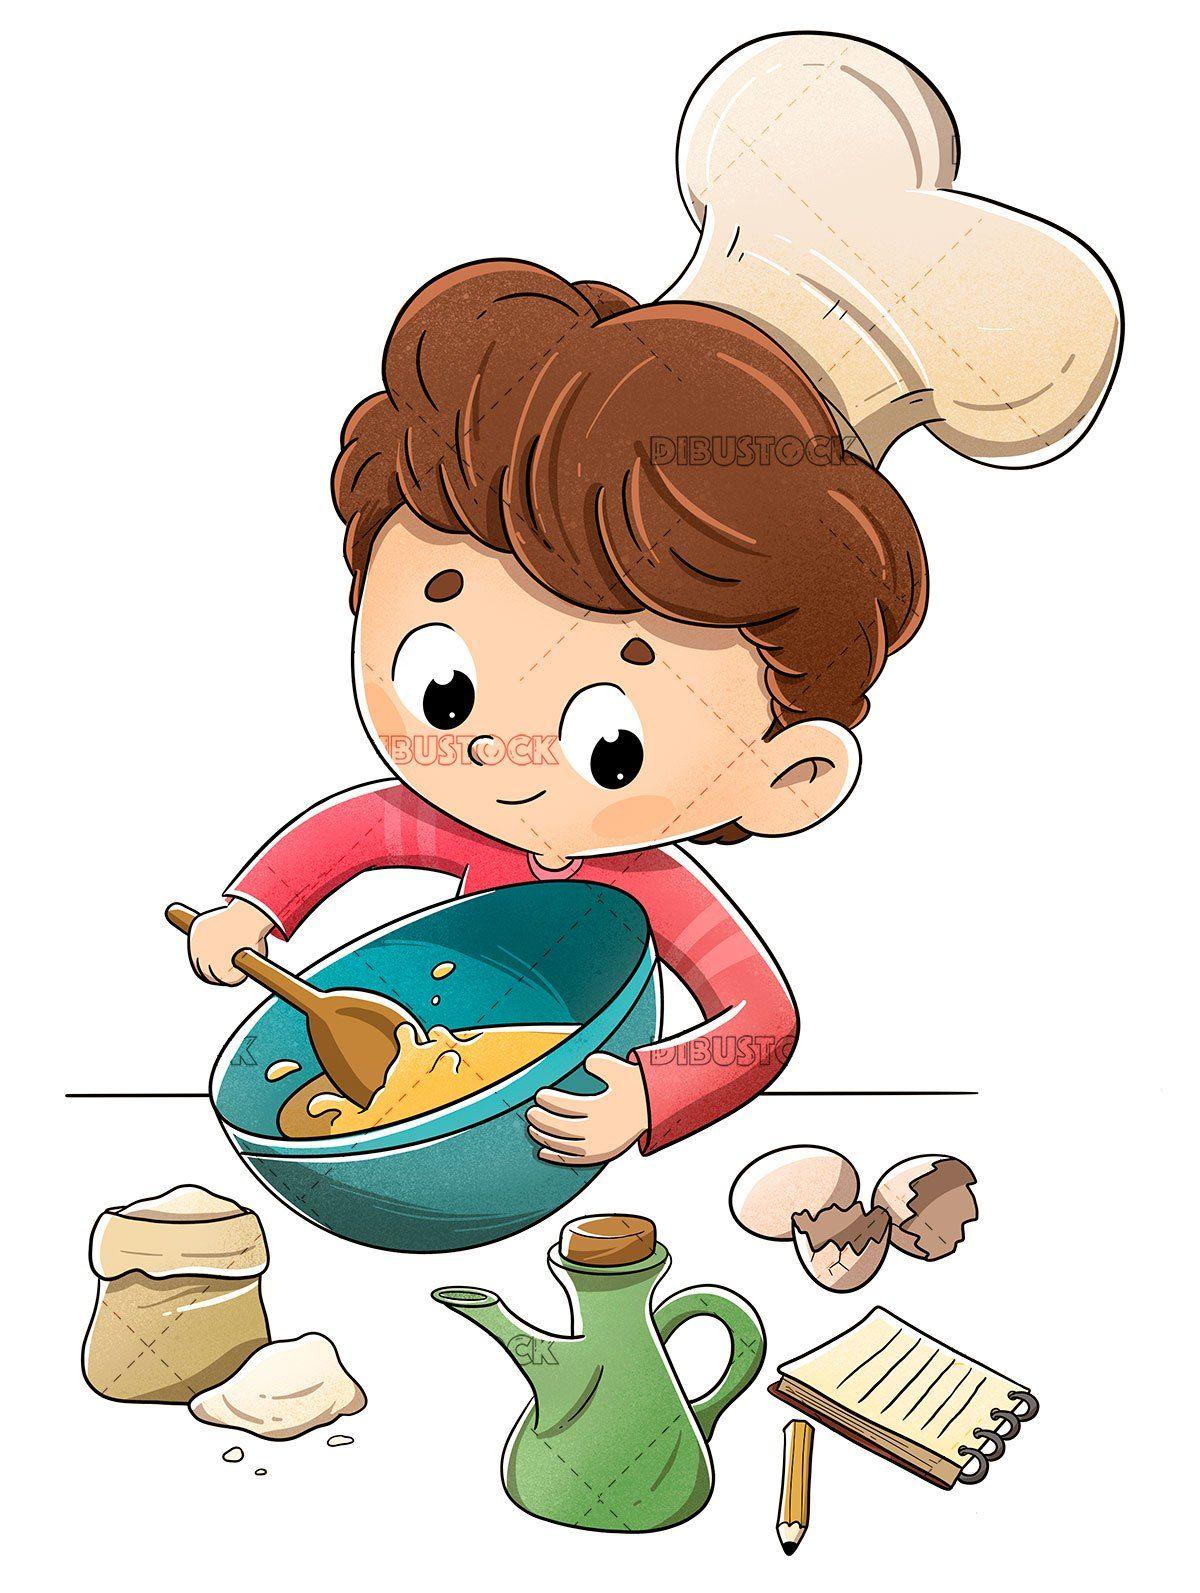 Cooking Cartoon Images : cooking, cartoon, images, Child, Kitchen, Preparing, Recipe, Imagenes, Niños, Felices,, Ilustraciones, Dibujos, Animados,, Dibujar, Caricaturas